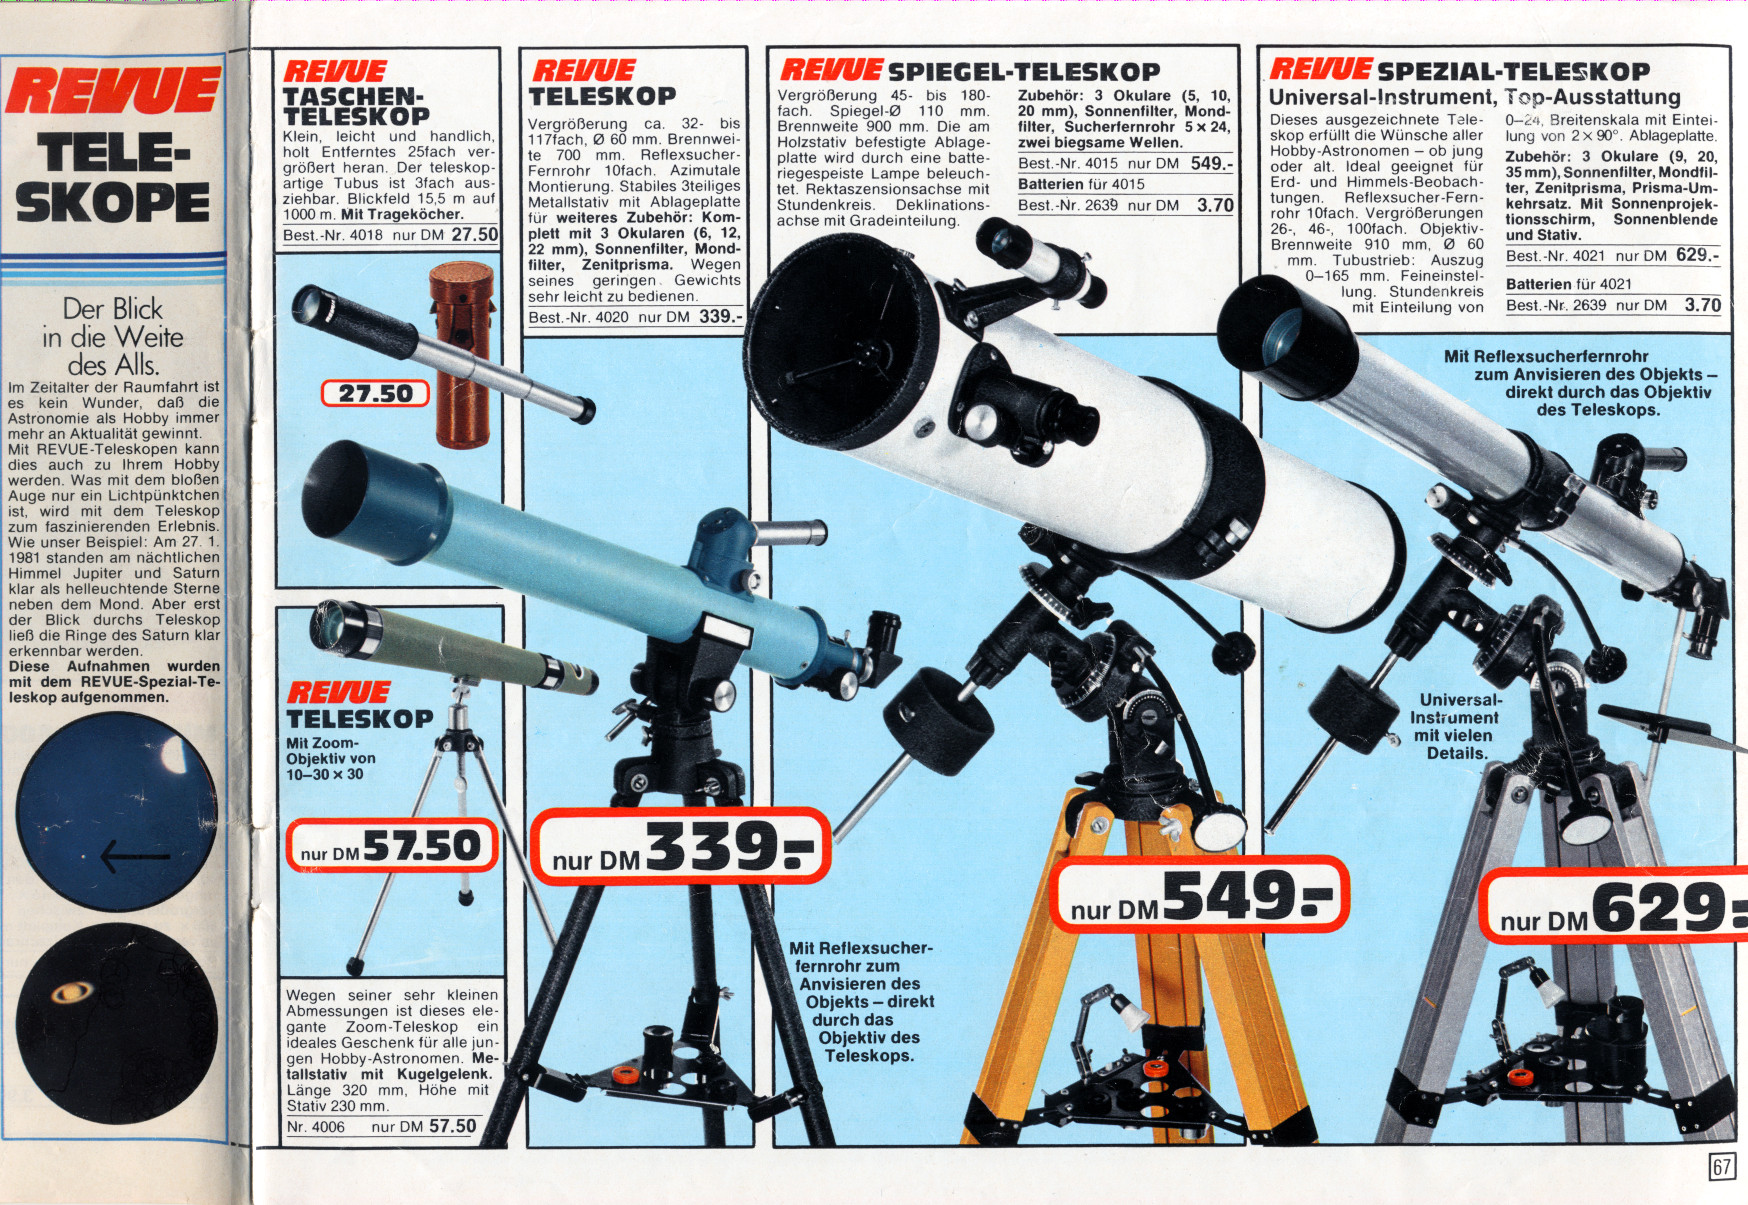 Teleskop nivellierlatte tenimeter teleskop messlatte m